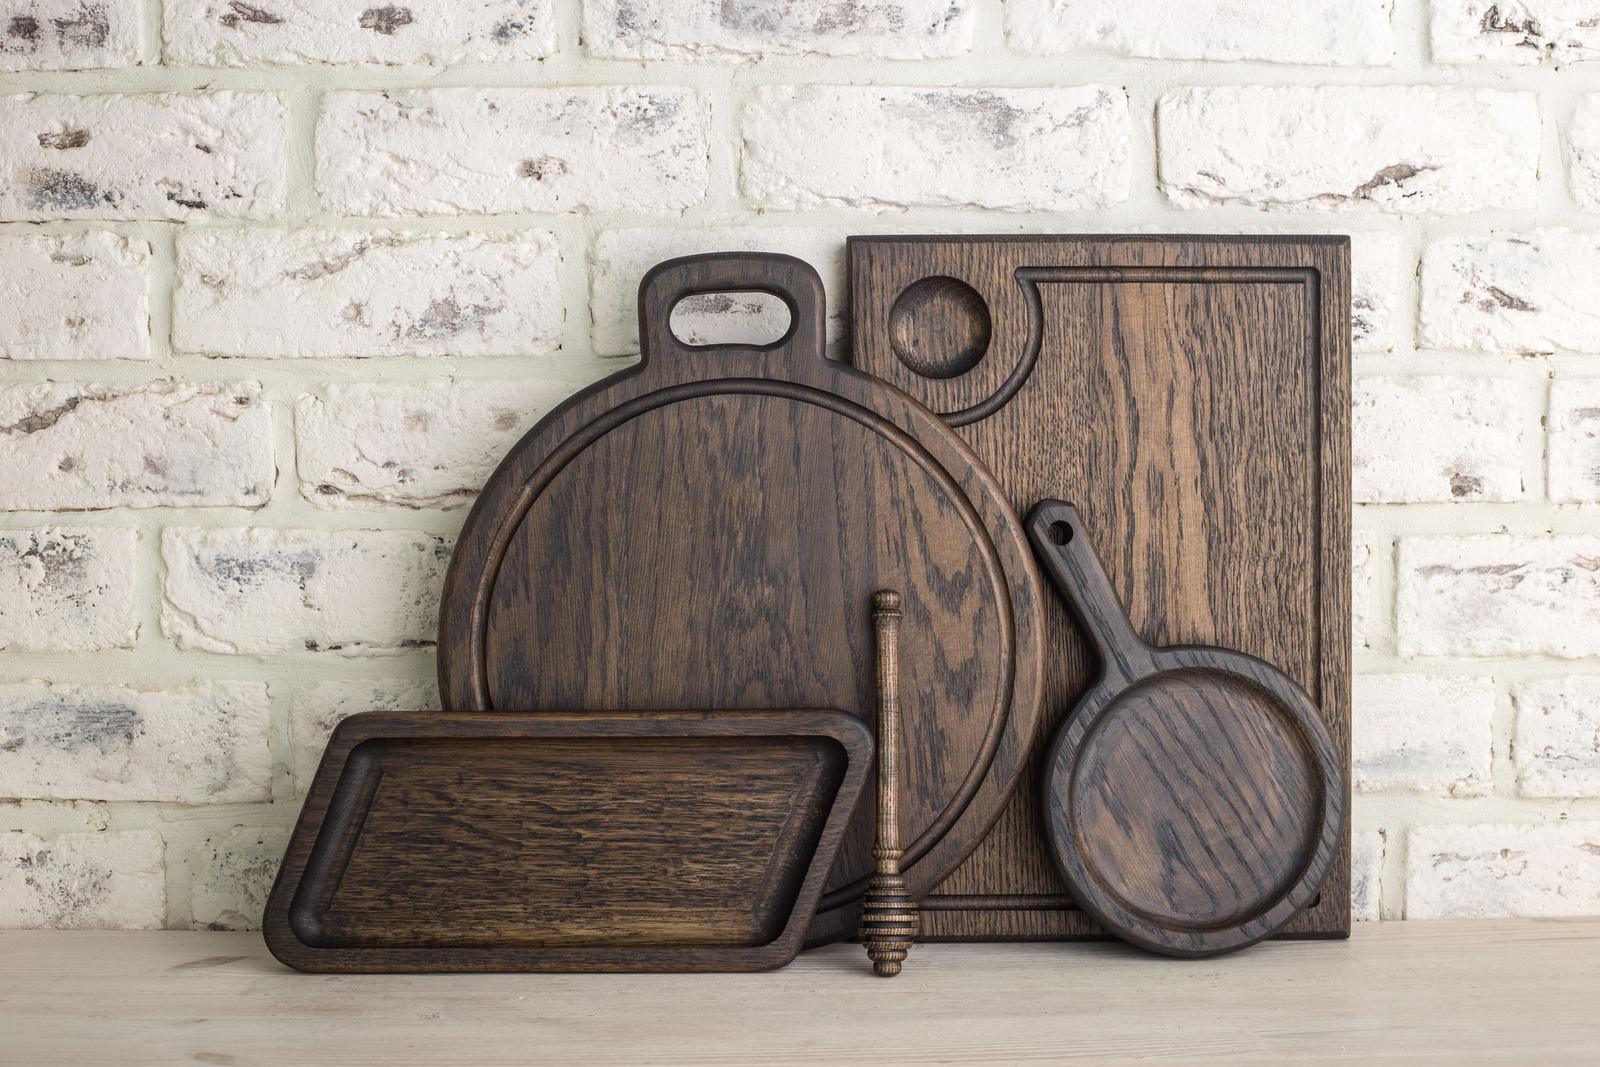 Разделочная доска Foxwoodrus Набор для кухни из темного дуба, черный доска разделочная круглая с металлической ручкой 30 5х1 6см 790809